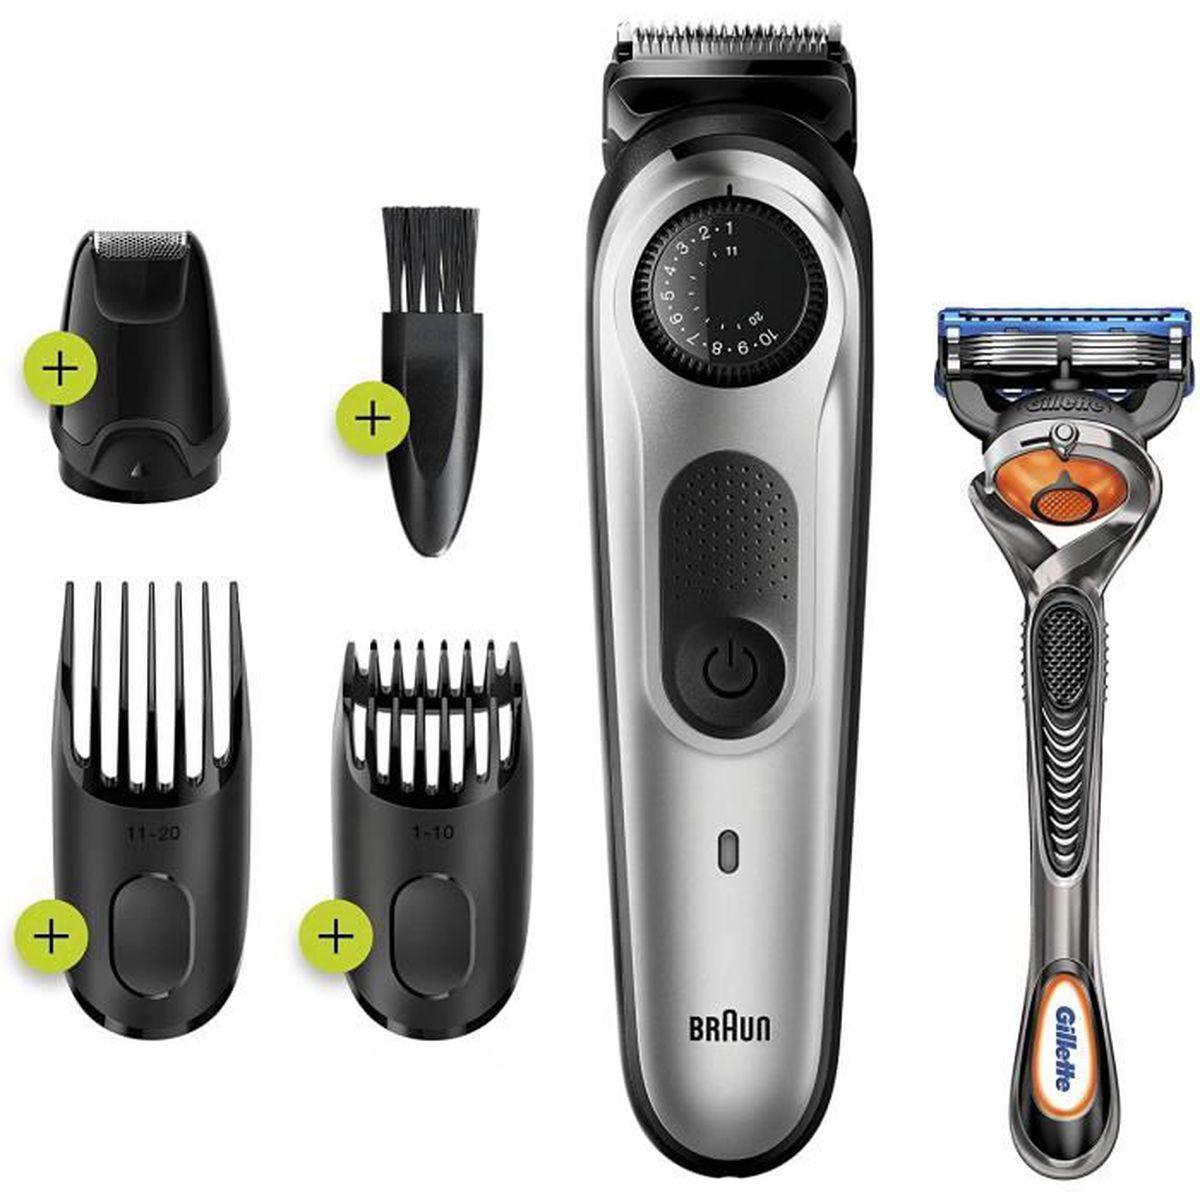 braun bt5265 tondeuse électrique barbe et cheveux, 39